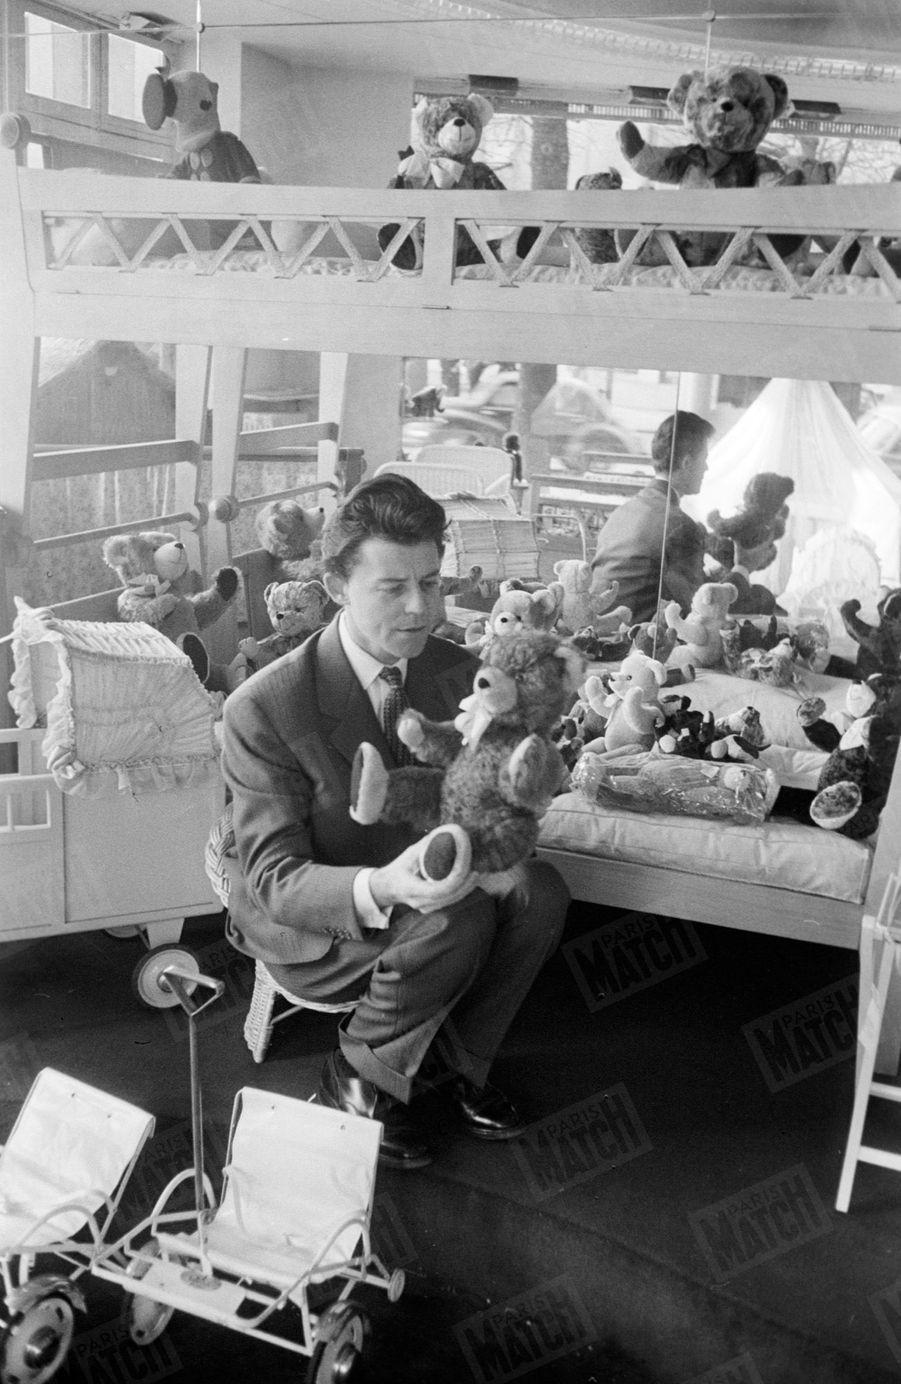 Gérard Philipe choisit un ours en peluche dans un magasin de jouets, au lendemain de la naissance de sa fille le 21 décembre 1954 à la clinique du Belvedère à Boulogne-Billancourt.